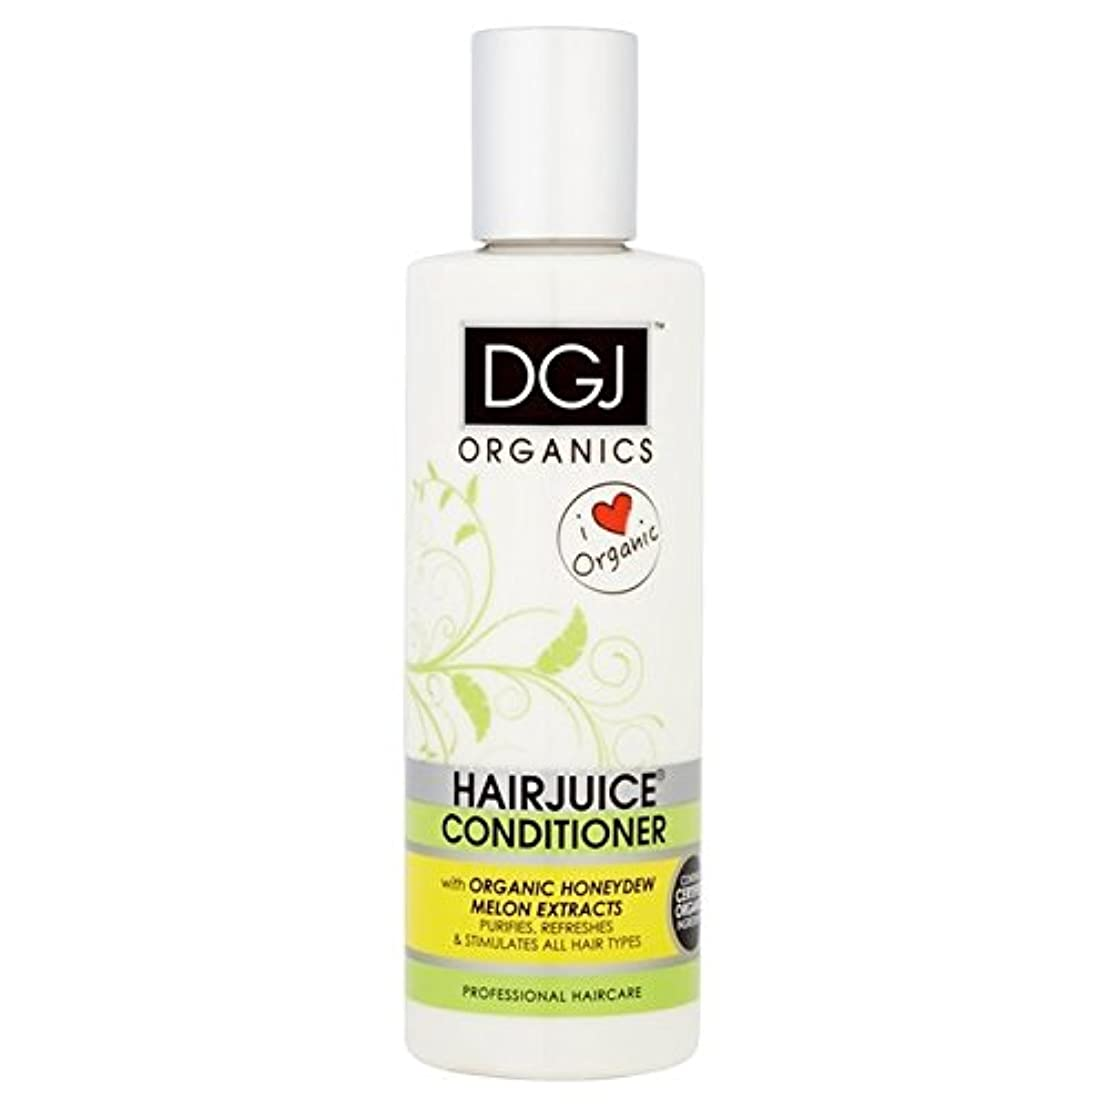 アルコールアリーナいくつかのDGJ Organic Hairjuice Melon Conditioner 250ml (Pack of 6) - 有機メロンコンディショナー250 x6 [並行輸入品]